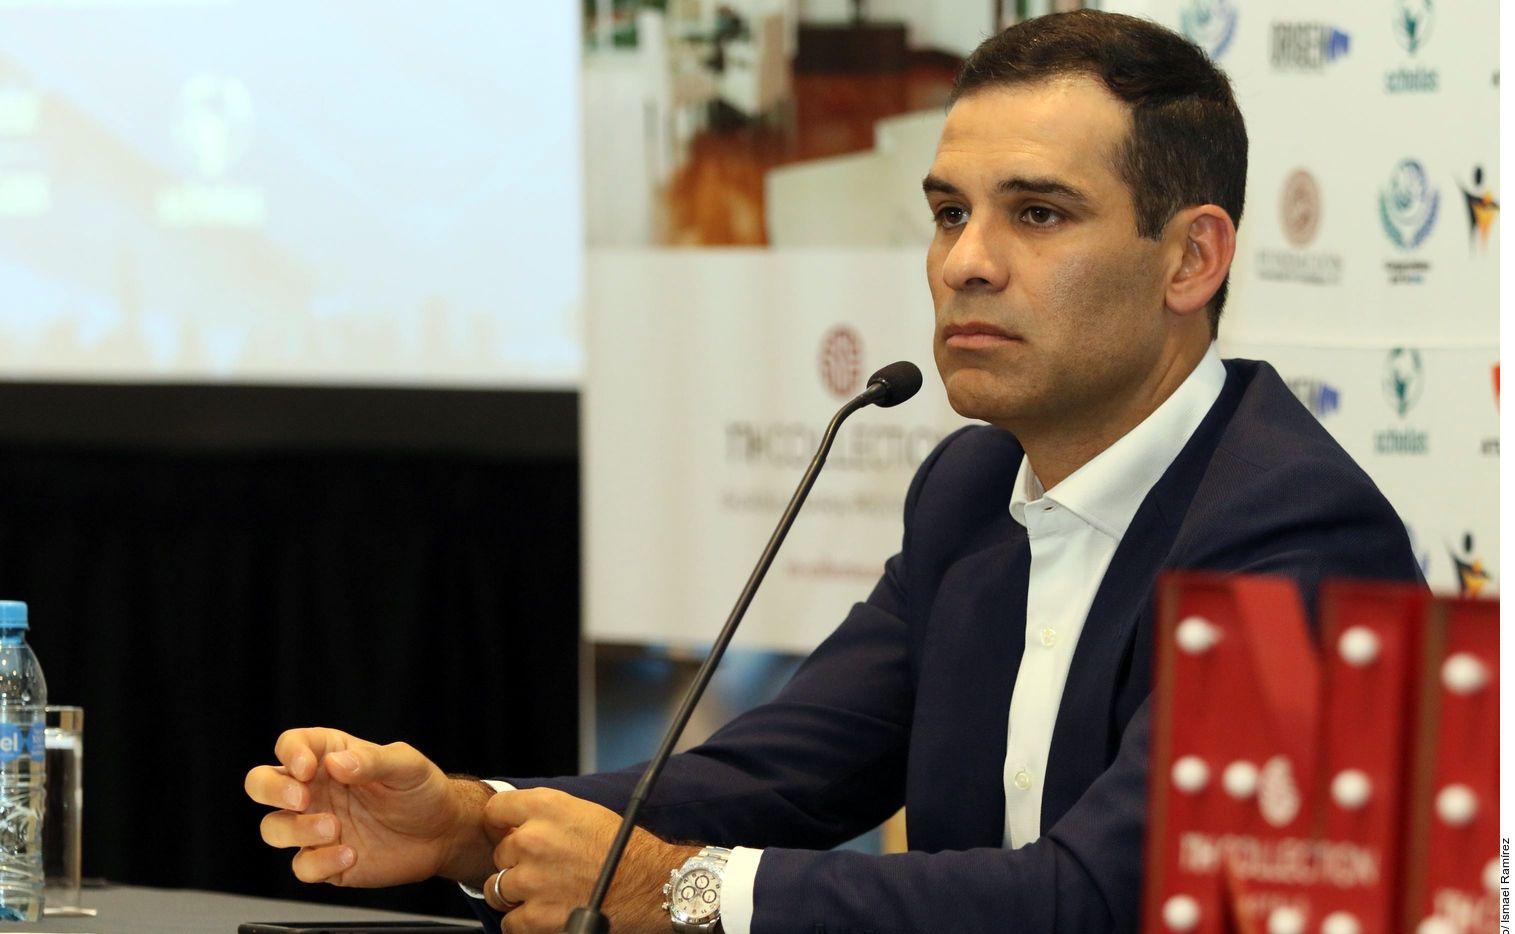 Este miércoles anunció que su vínculo laboral con el Atlas ha llegado al final, luego de que Orlegi Deportes asumirá el control total de los Zorros en todas sus áreas./ AGENCIA REFORMA